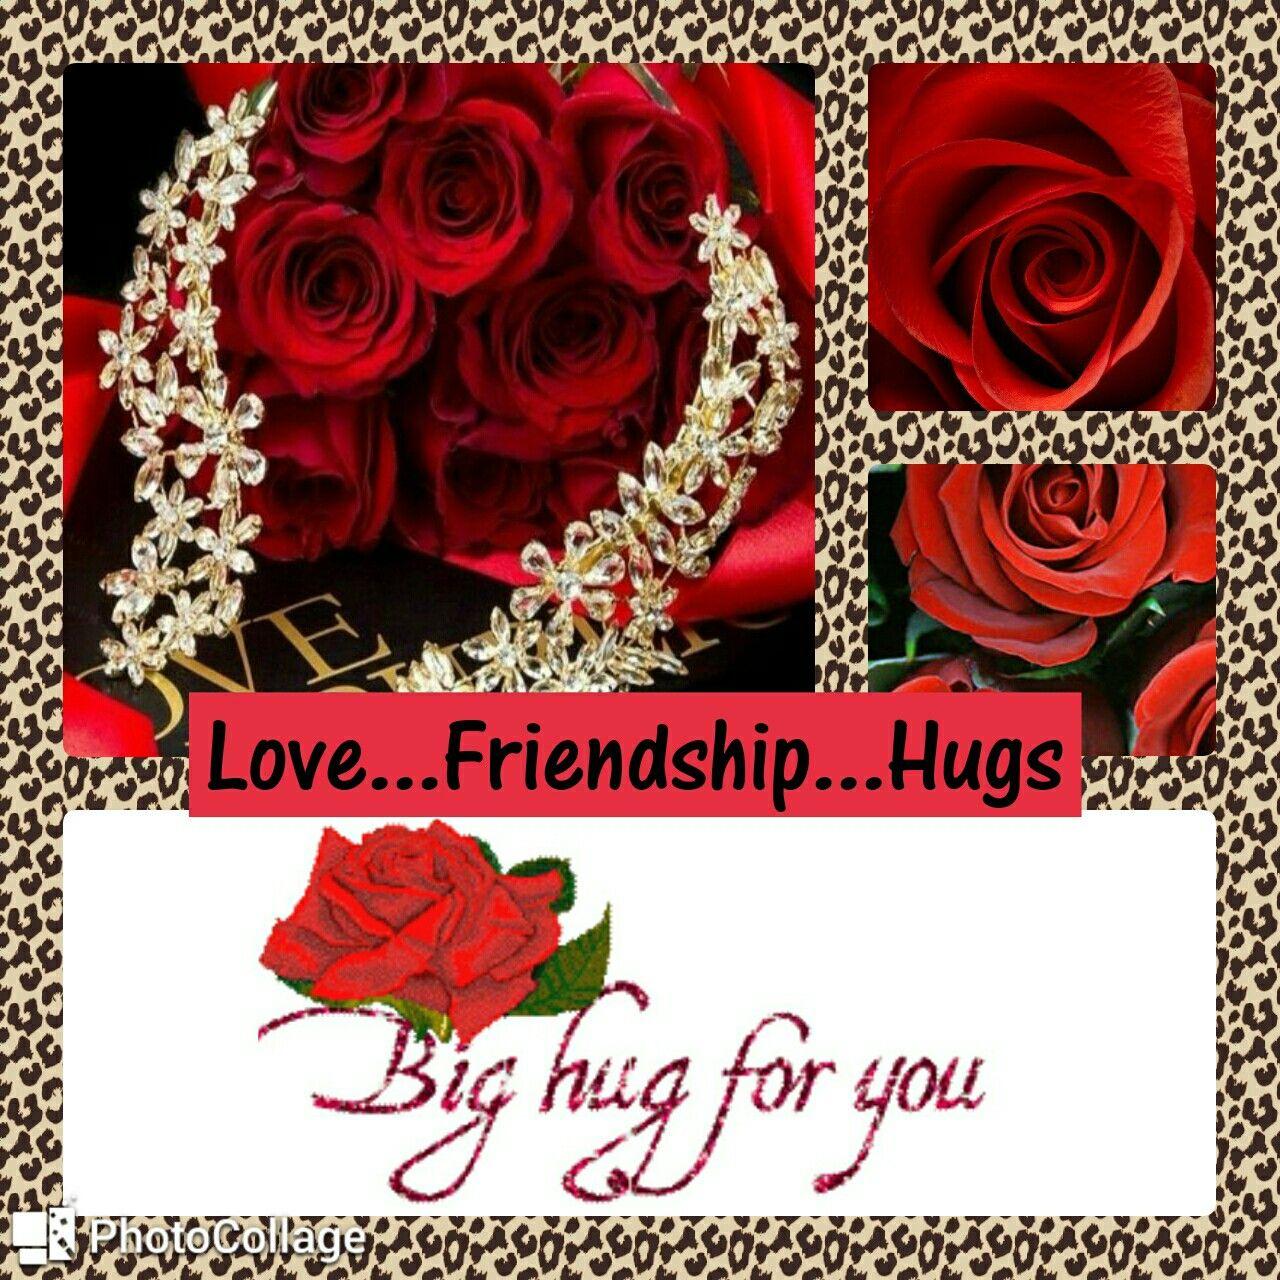 Pin by matilda ann ford on hugs hug hug you poster